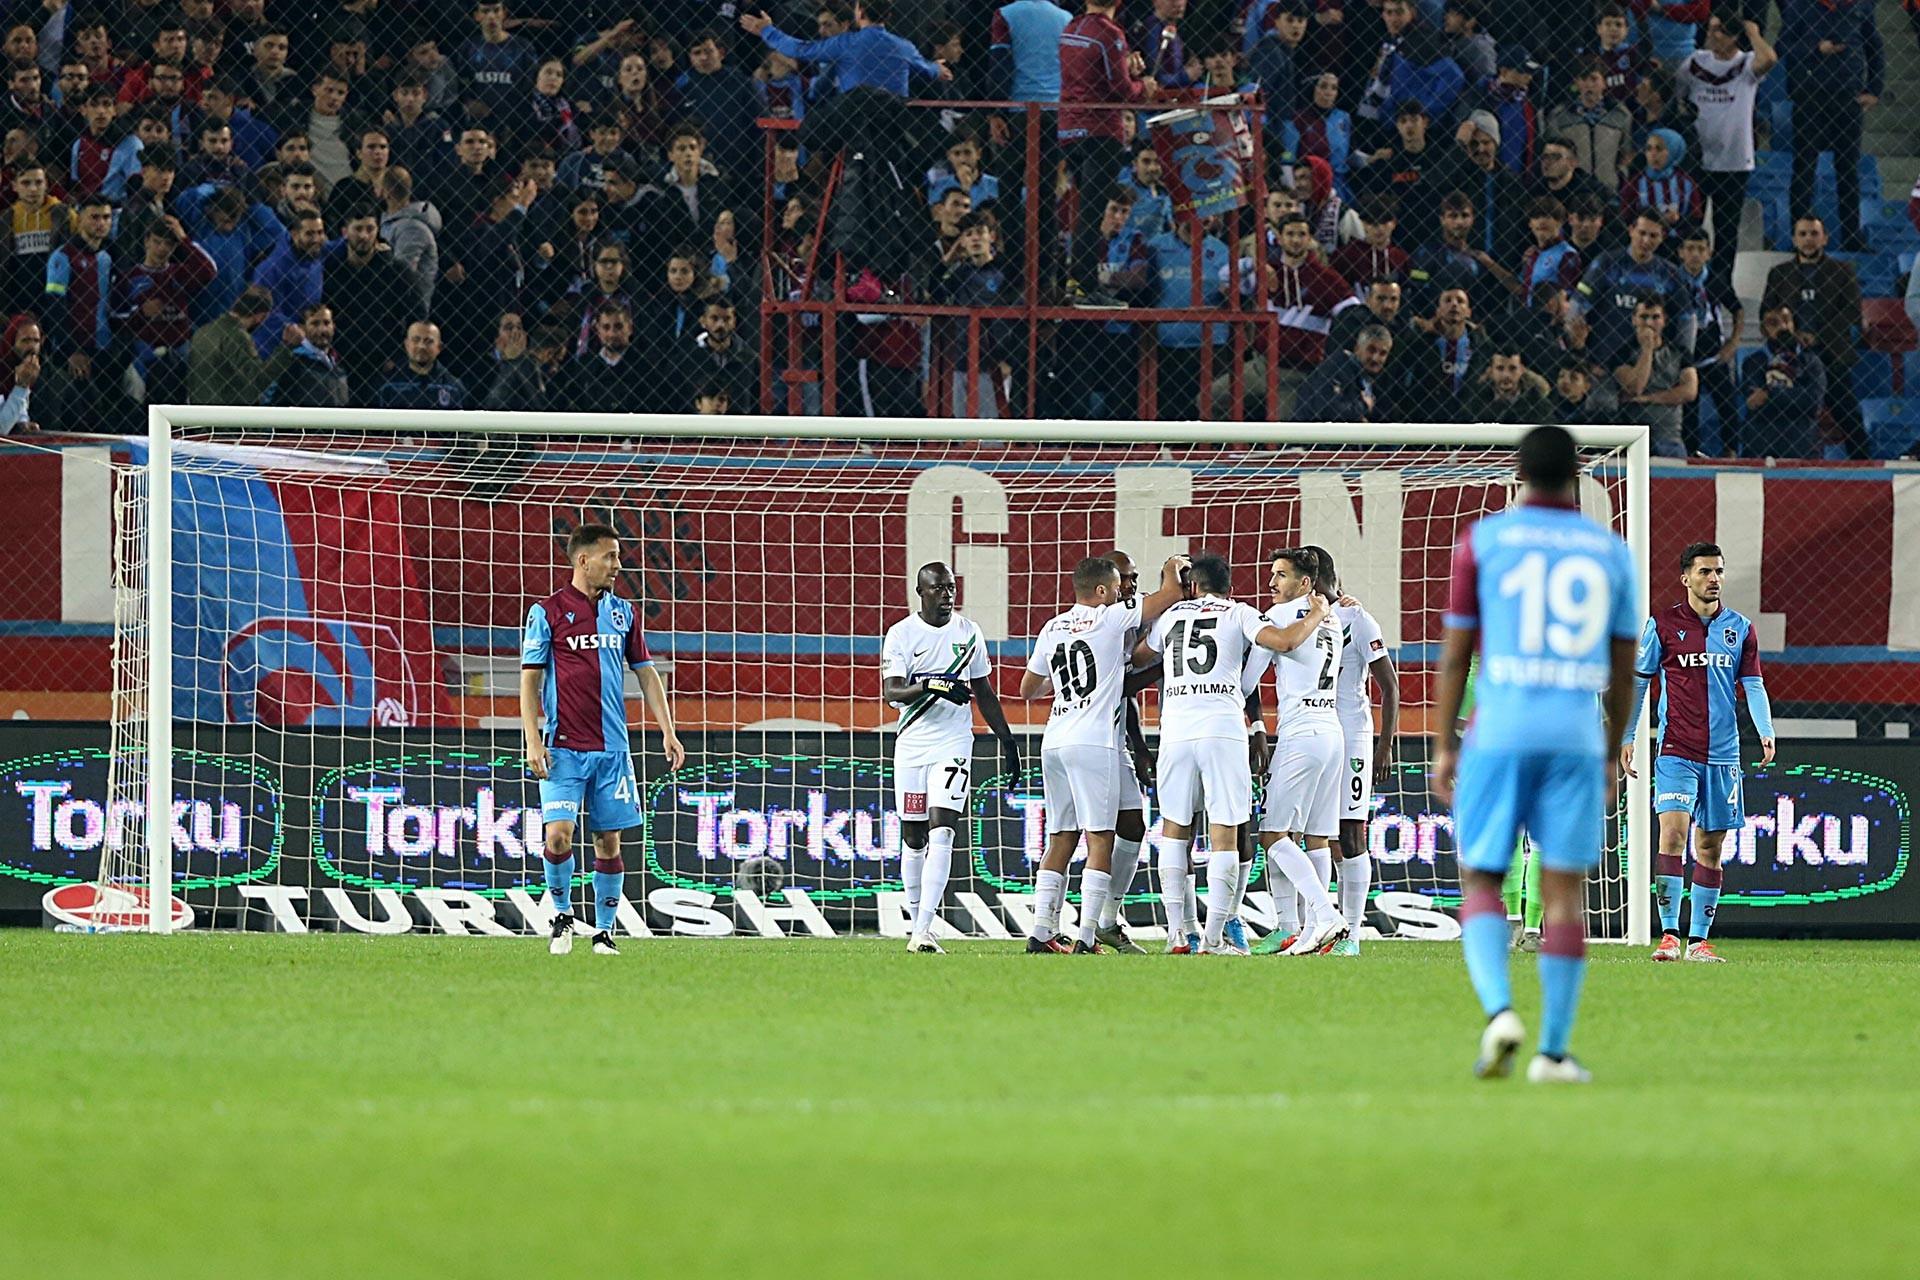 Trabzonspor-Denizlispor maçında Denizlispor oyuncuları gole sevinirken